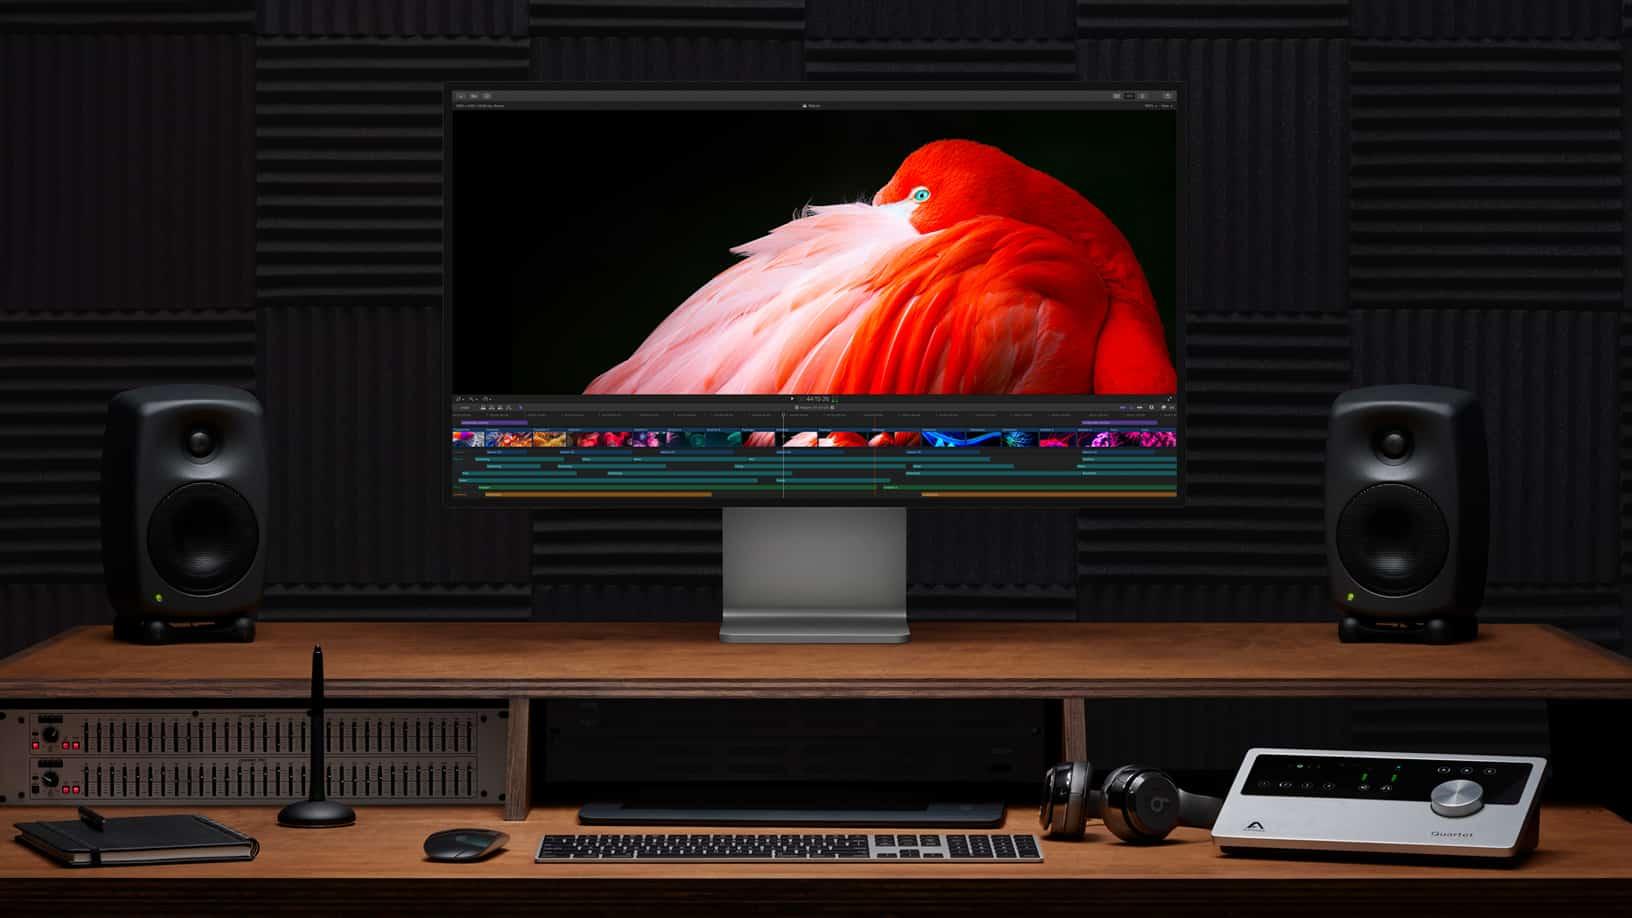 Apple's 32-inch Retina-monitor heeft een 6K-resolutie en HDR-ondersteuning